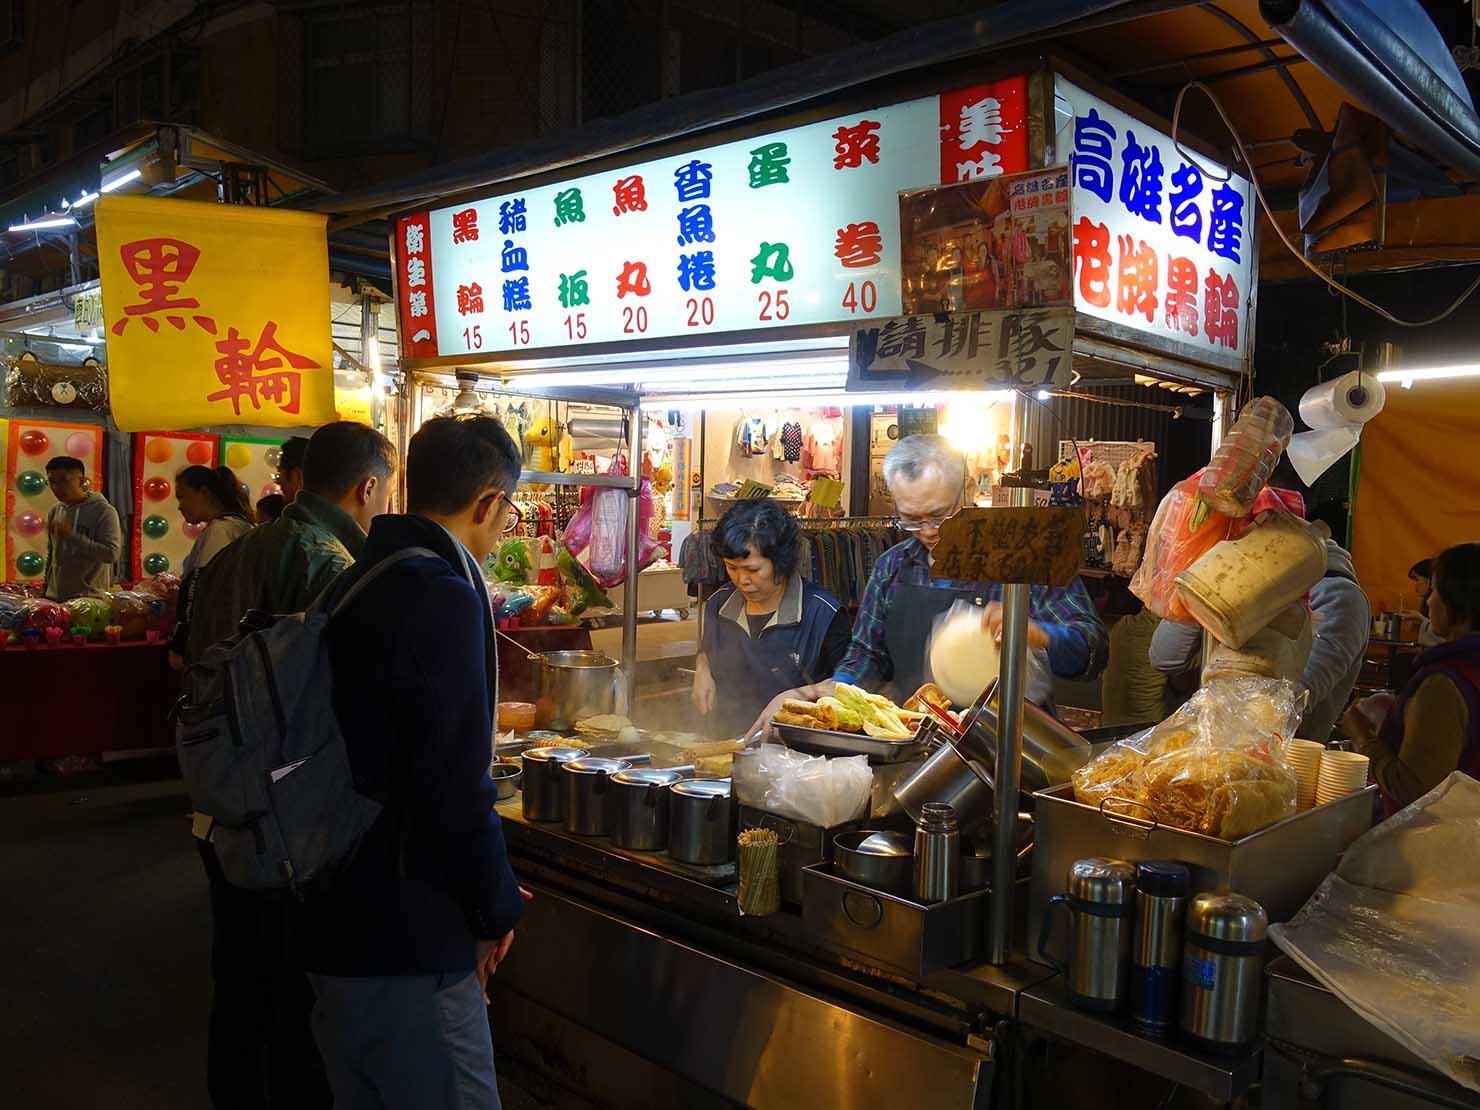 台湾の夜市で食べられる日本グルメ「黑輪(おでん)」の屋台